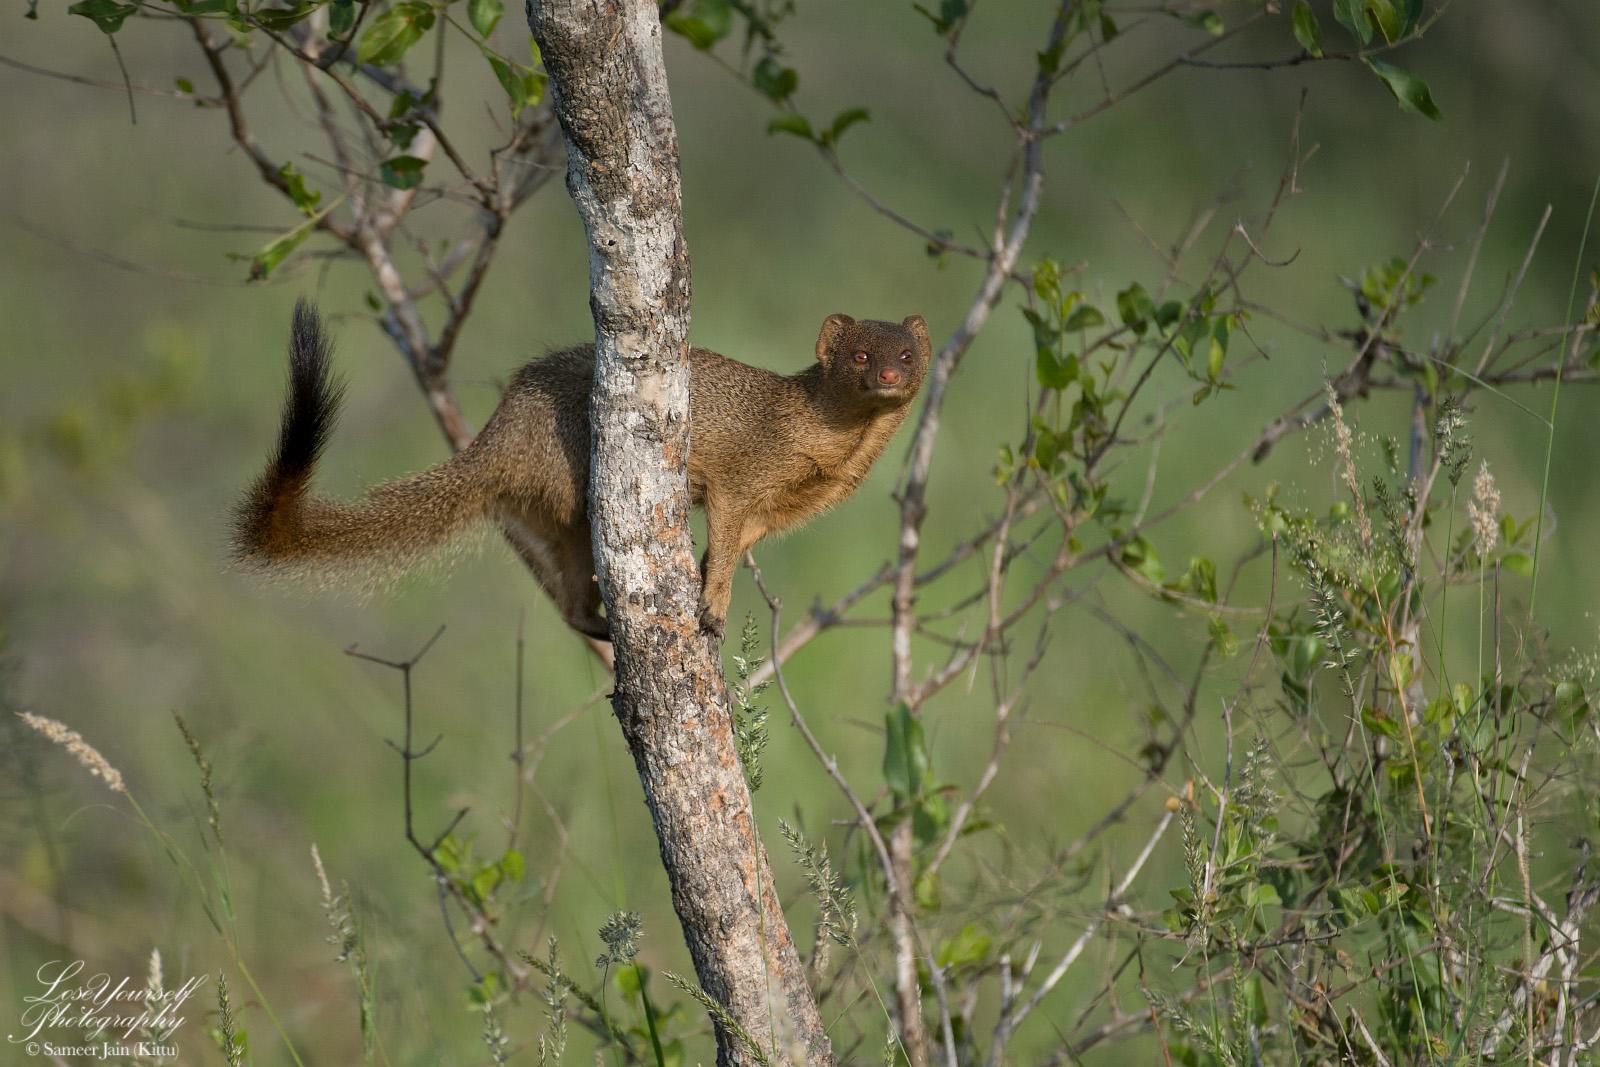 Mongoose_Crop_SJK7448